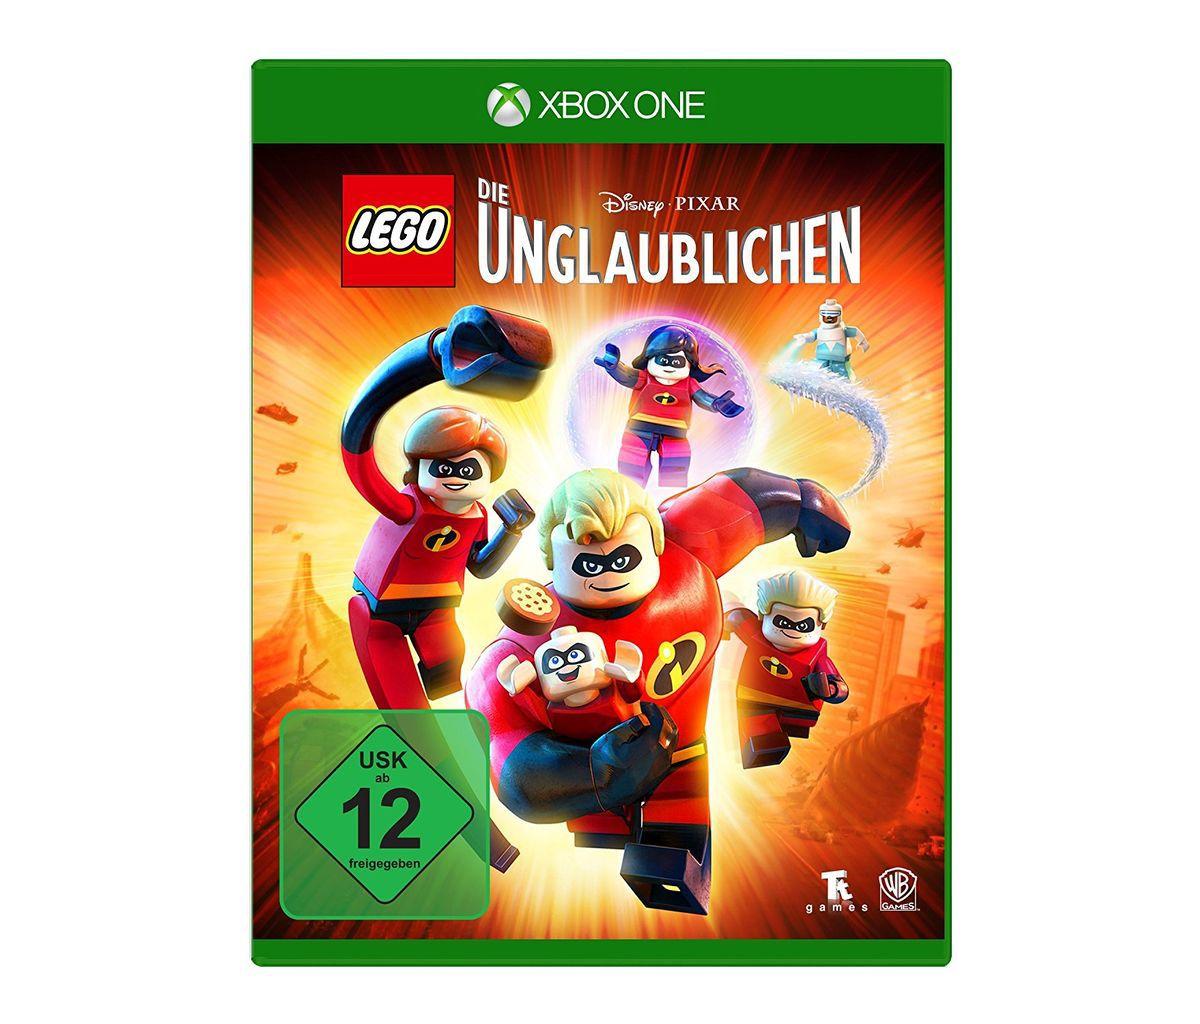 Warner Games XBOX One - Spiel »LEGO Die Unglaub...